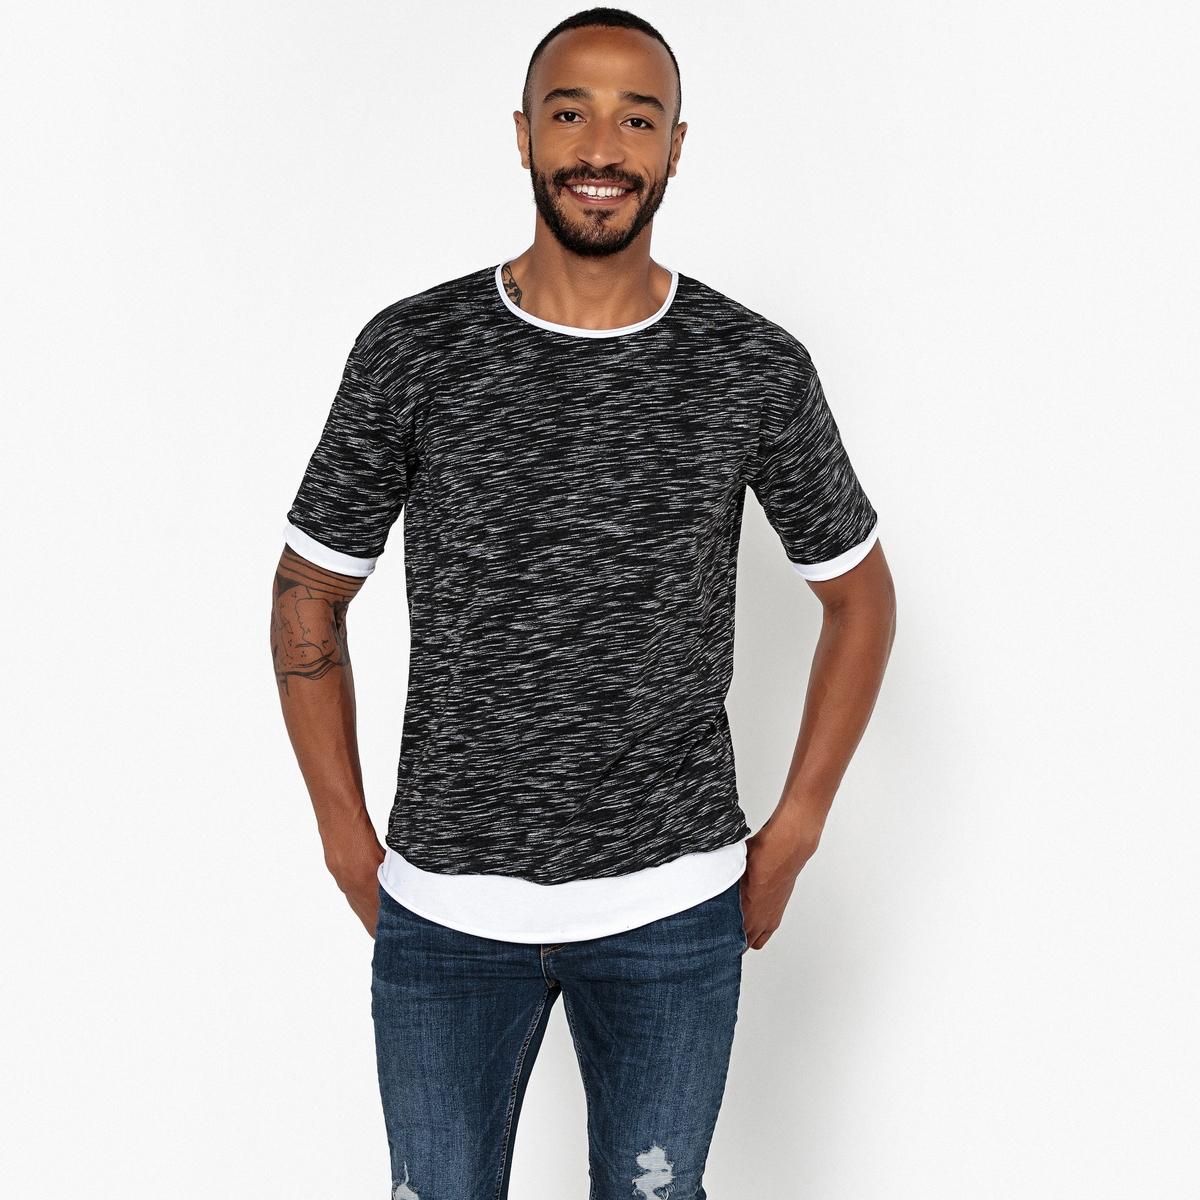 T-shirt oversize de gola redonda, mangas curtas